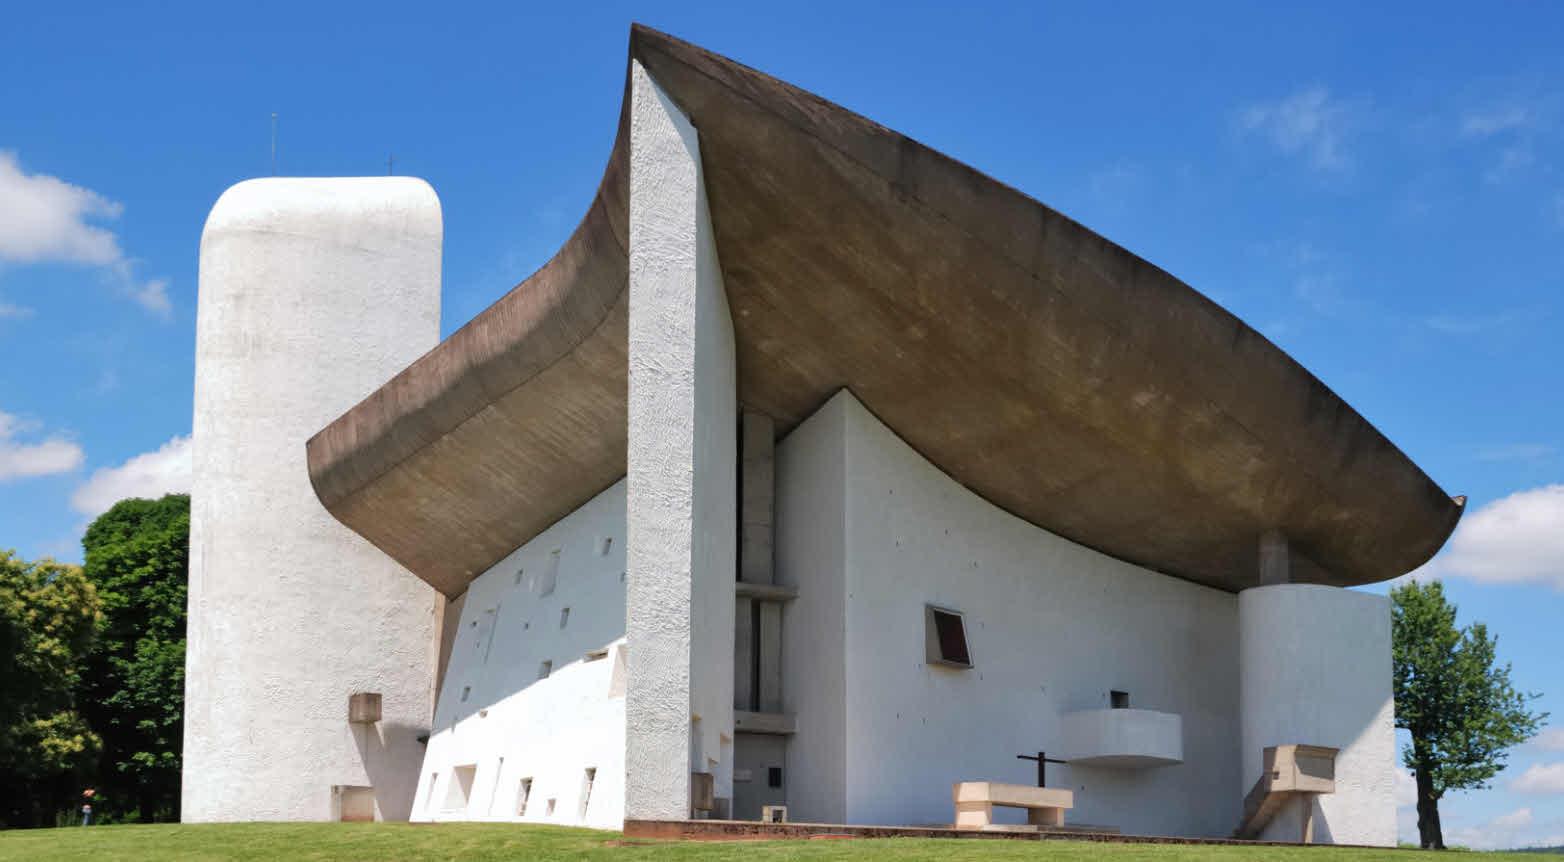 Wallfahrtskirche Notre-Dame-du-Haut de Ronchamp 1951–1955